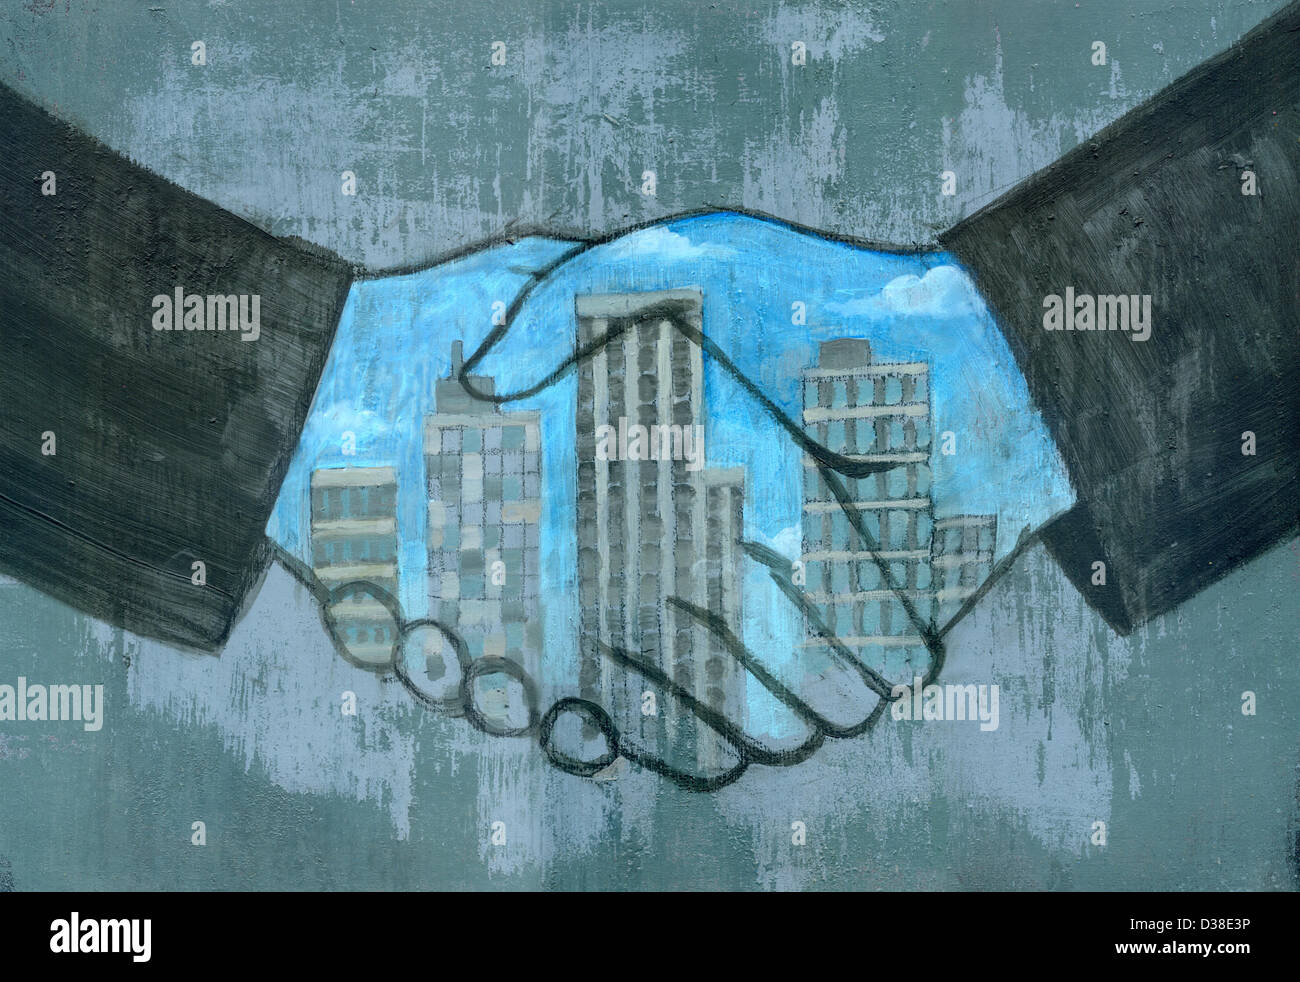 Immagine illustrativa della fusione con le mani in mano la tenuta di una trattativa Immagini Stock